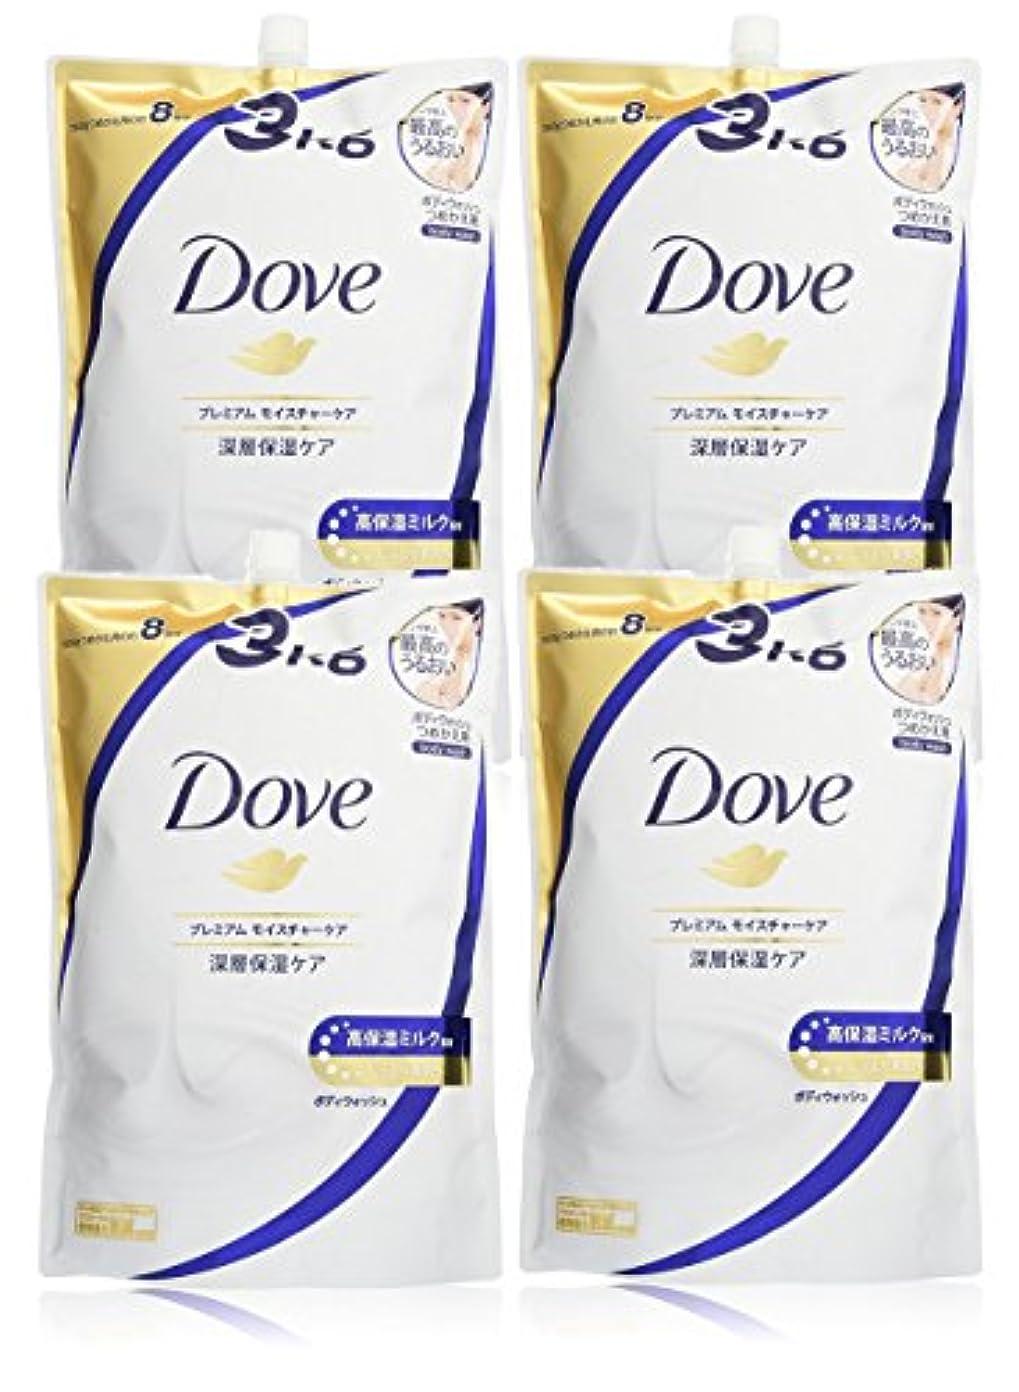 難破船無限大マイクロプロセッサ【ケース販売】 Dove(ダヴ) ボディウォッシュ プレミアム モイスチャーケア つめかえ用 3kg×4個